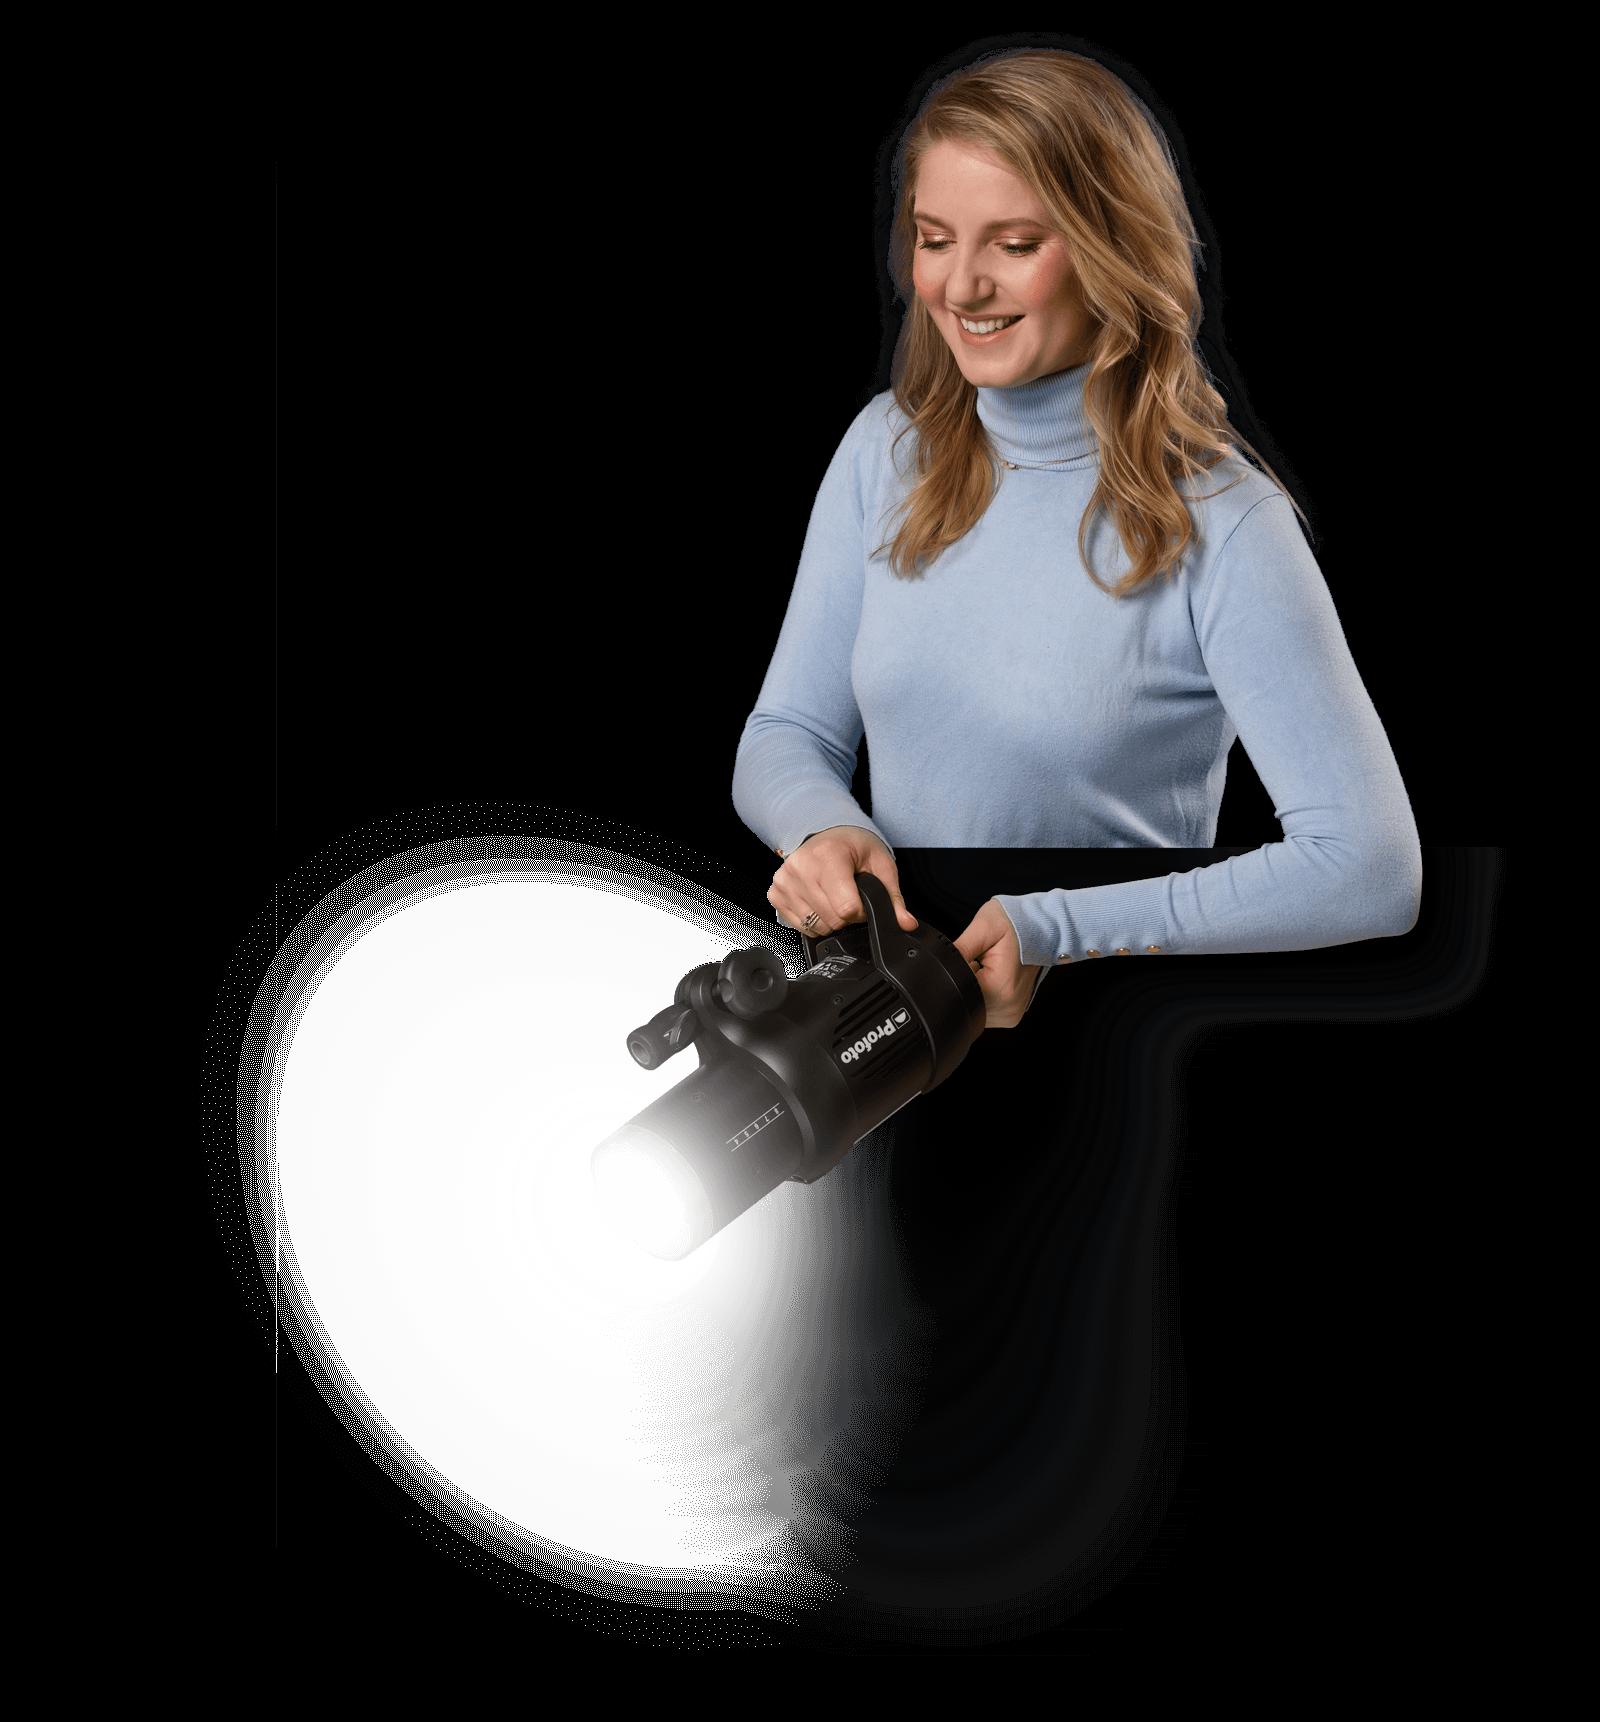 Margot de Heide met fotografielamp